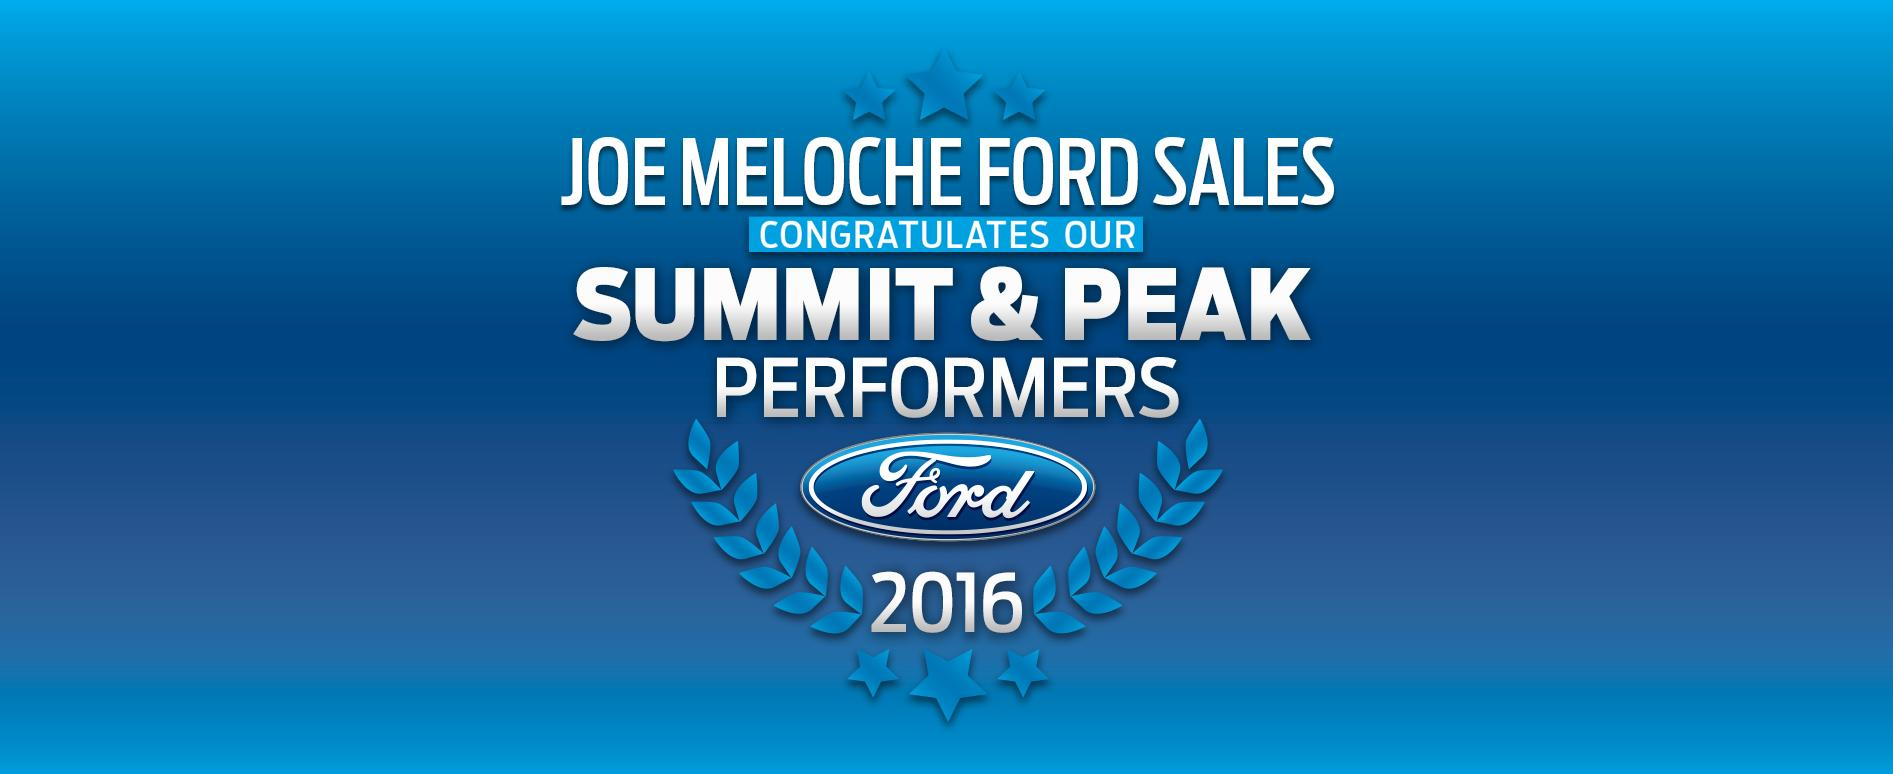 Summit & Peak Performers